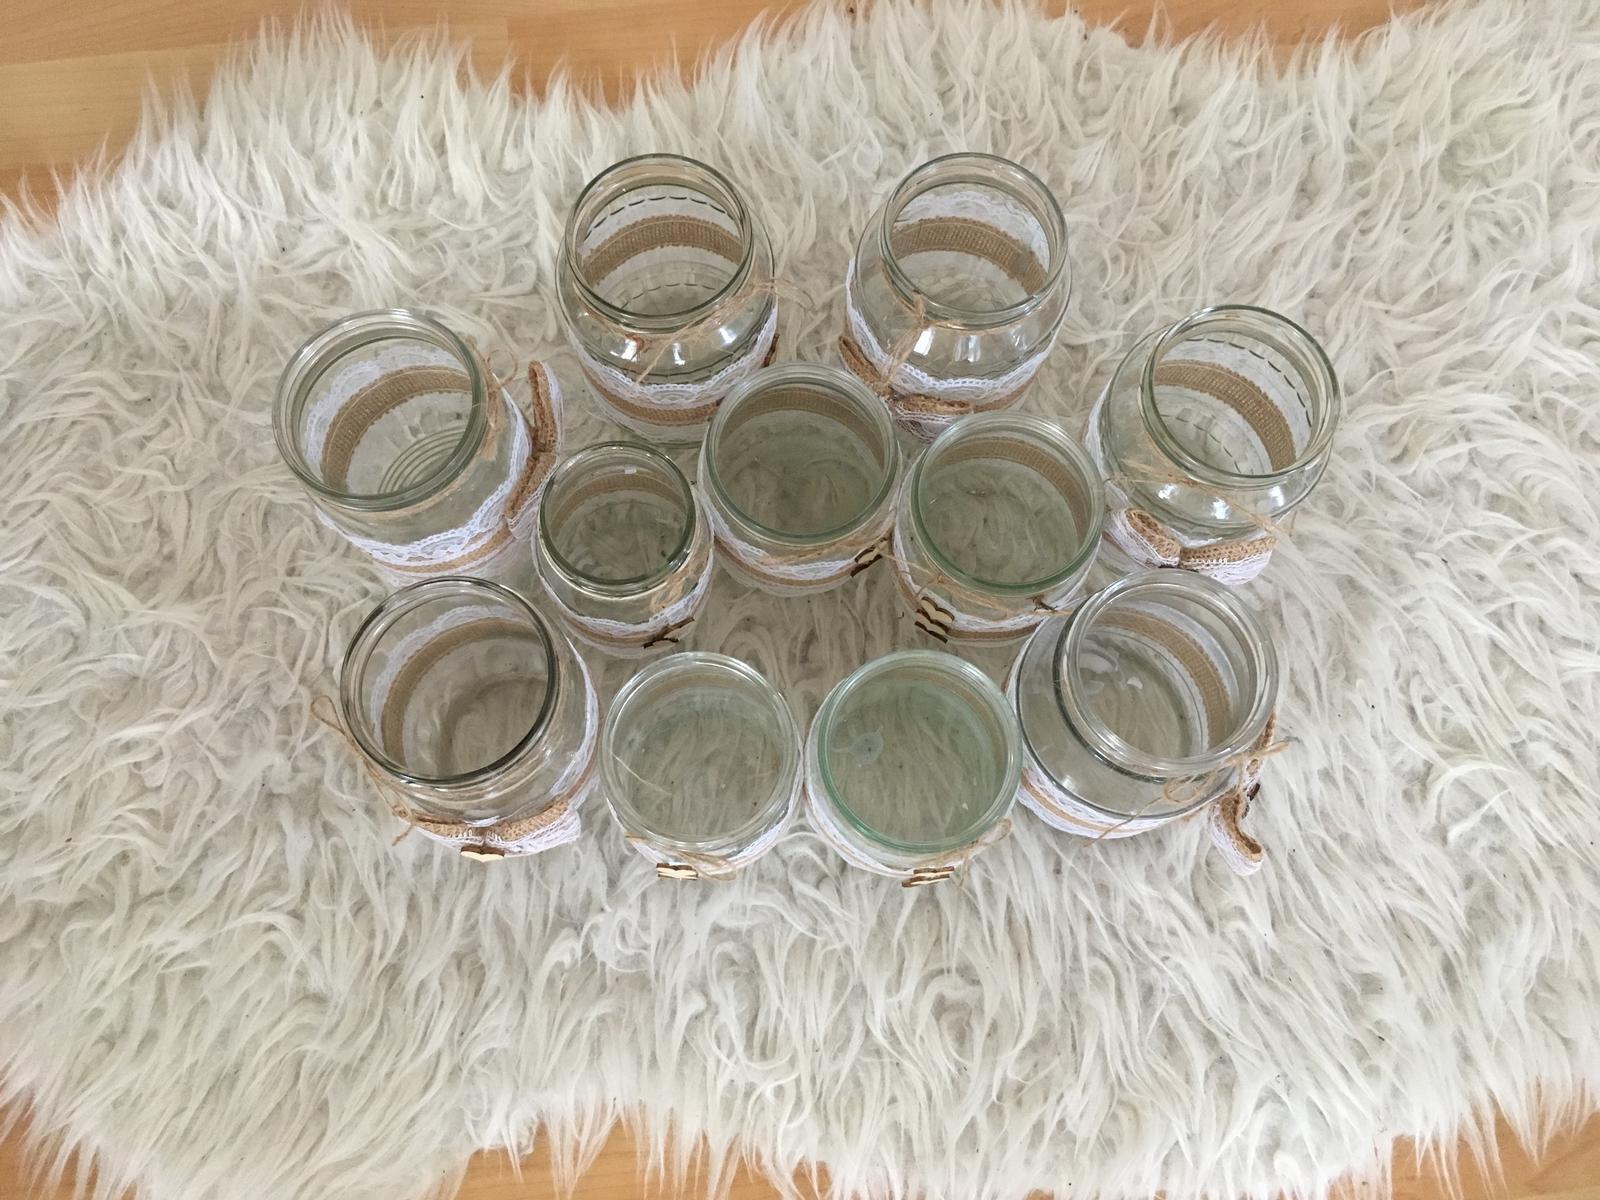 Malé vázy/svícny - boho styl - Obrázek č. 3